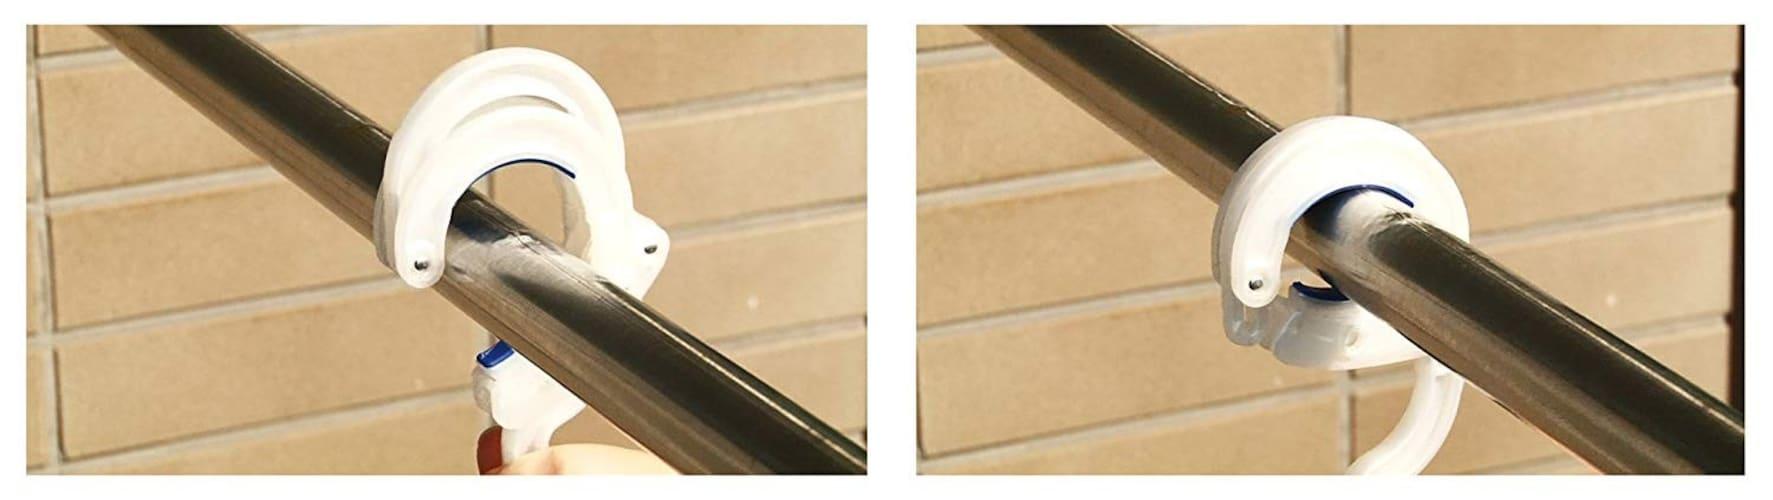 固定力|竿にしっかりひっかかるスライドストッパー付きがおすすめ